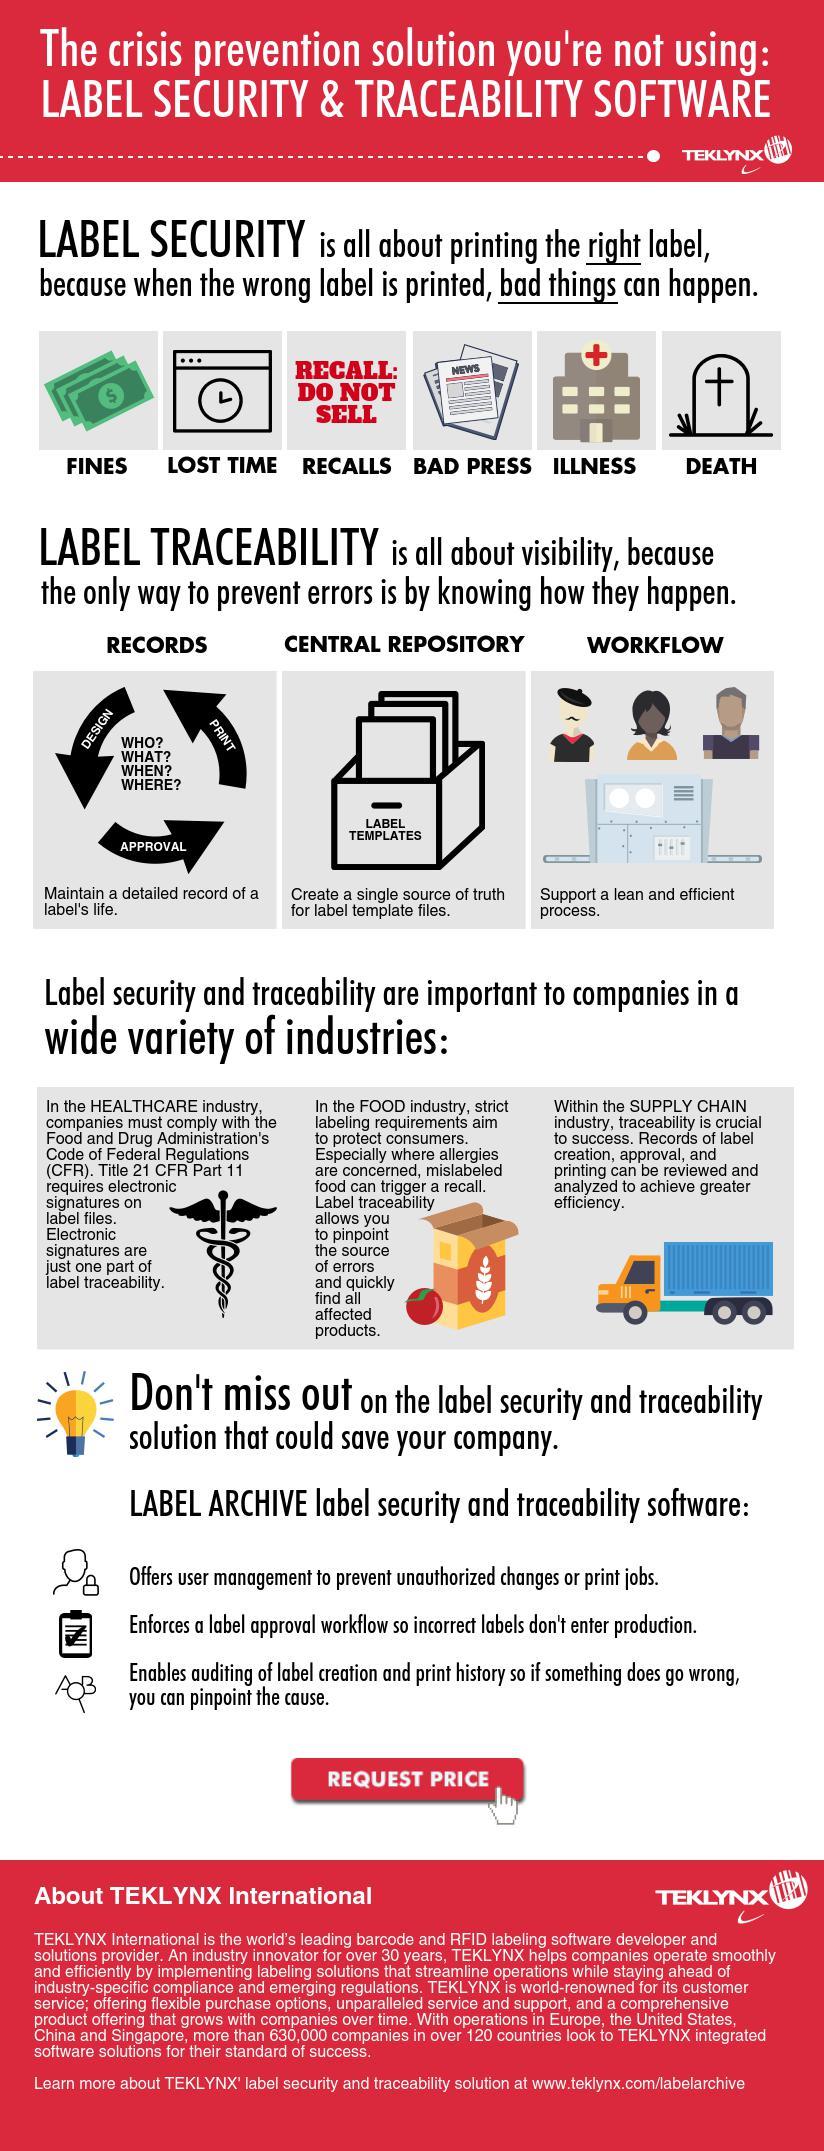 信息图:标签安全性与可跟踪性